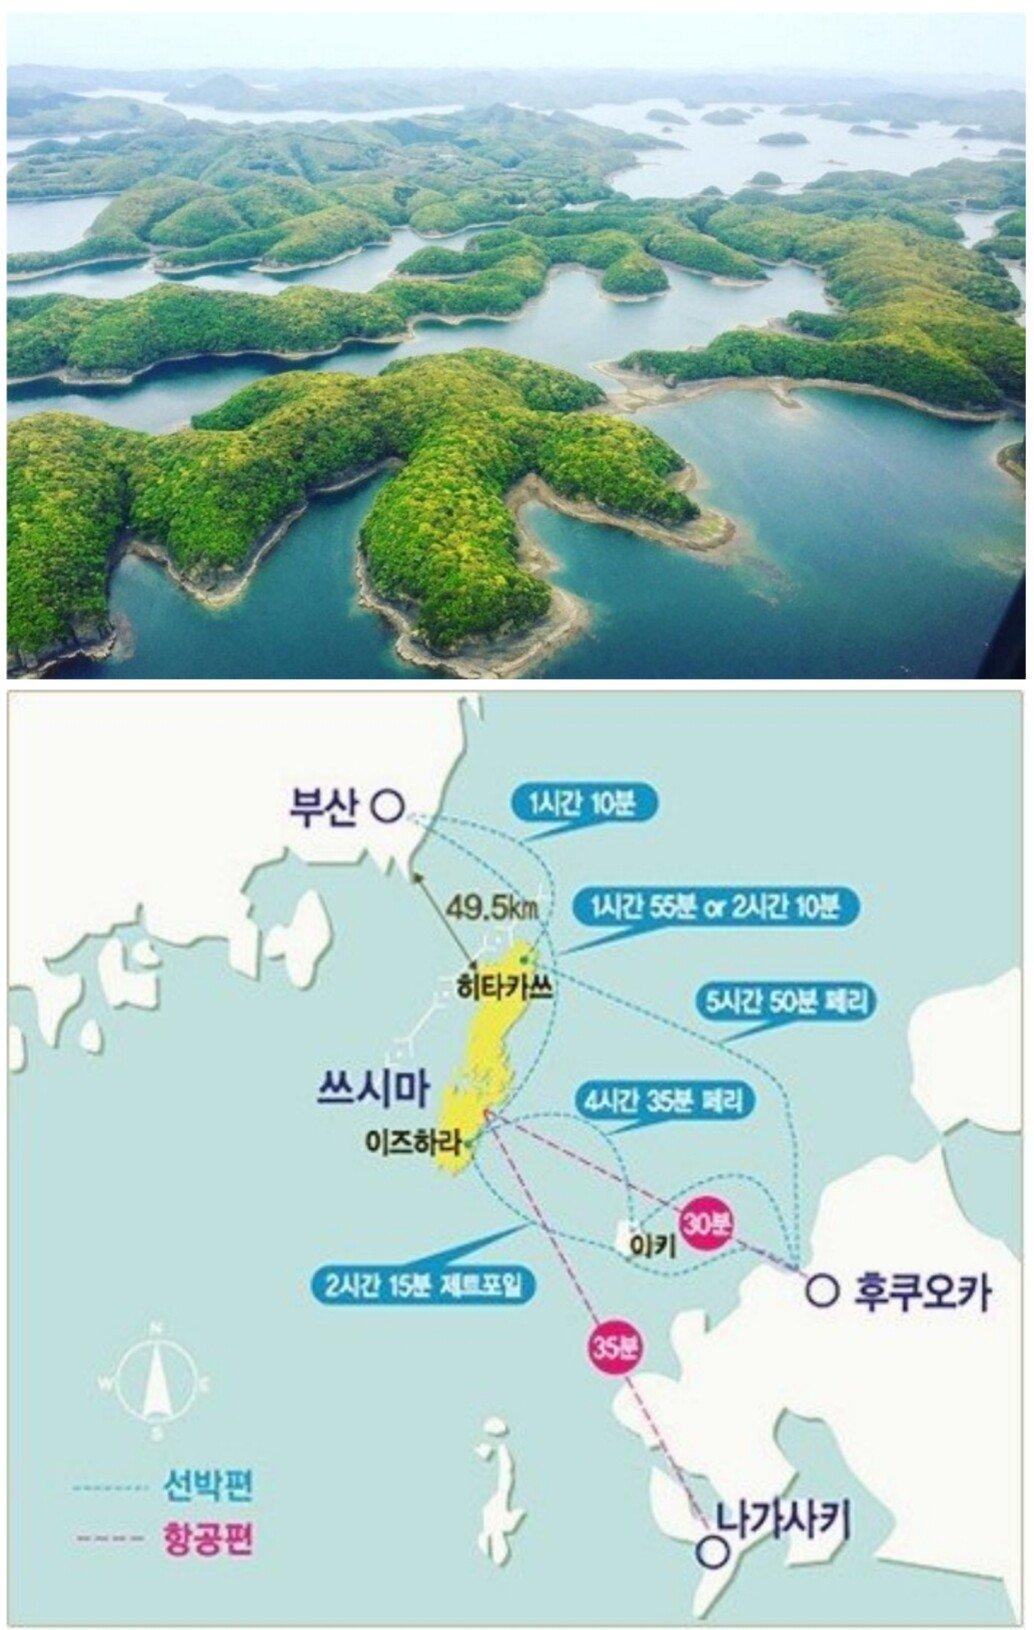 20200529_172349.jpg 쓰시마가 한민족 국가의 영토였던 적은 없다.jpg